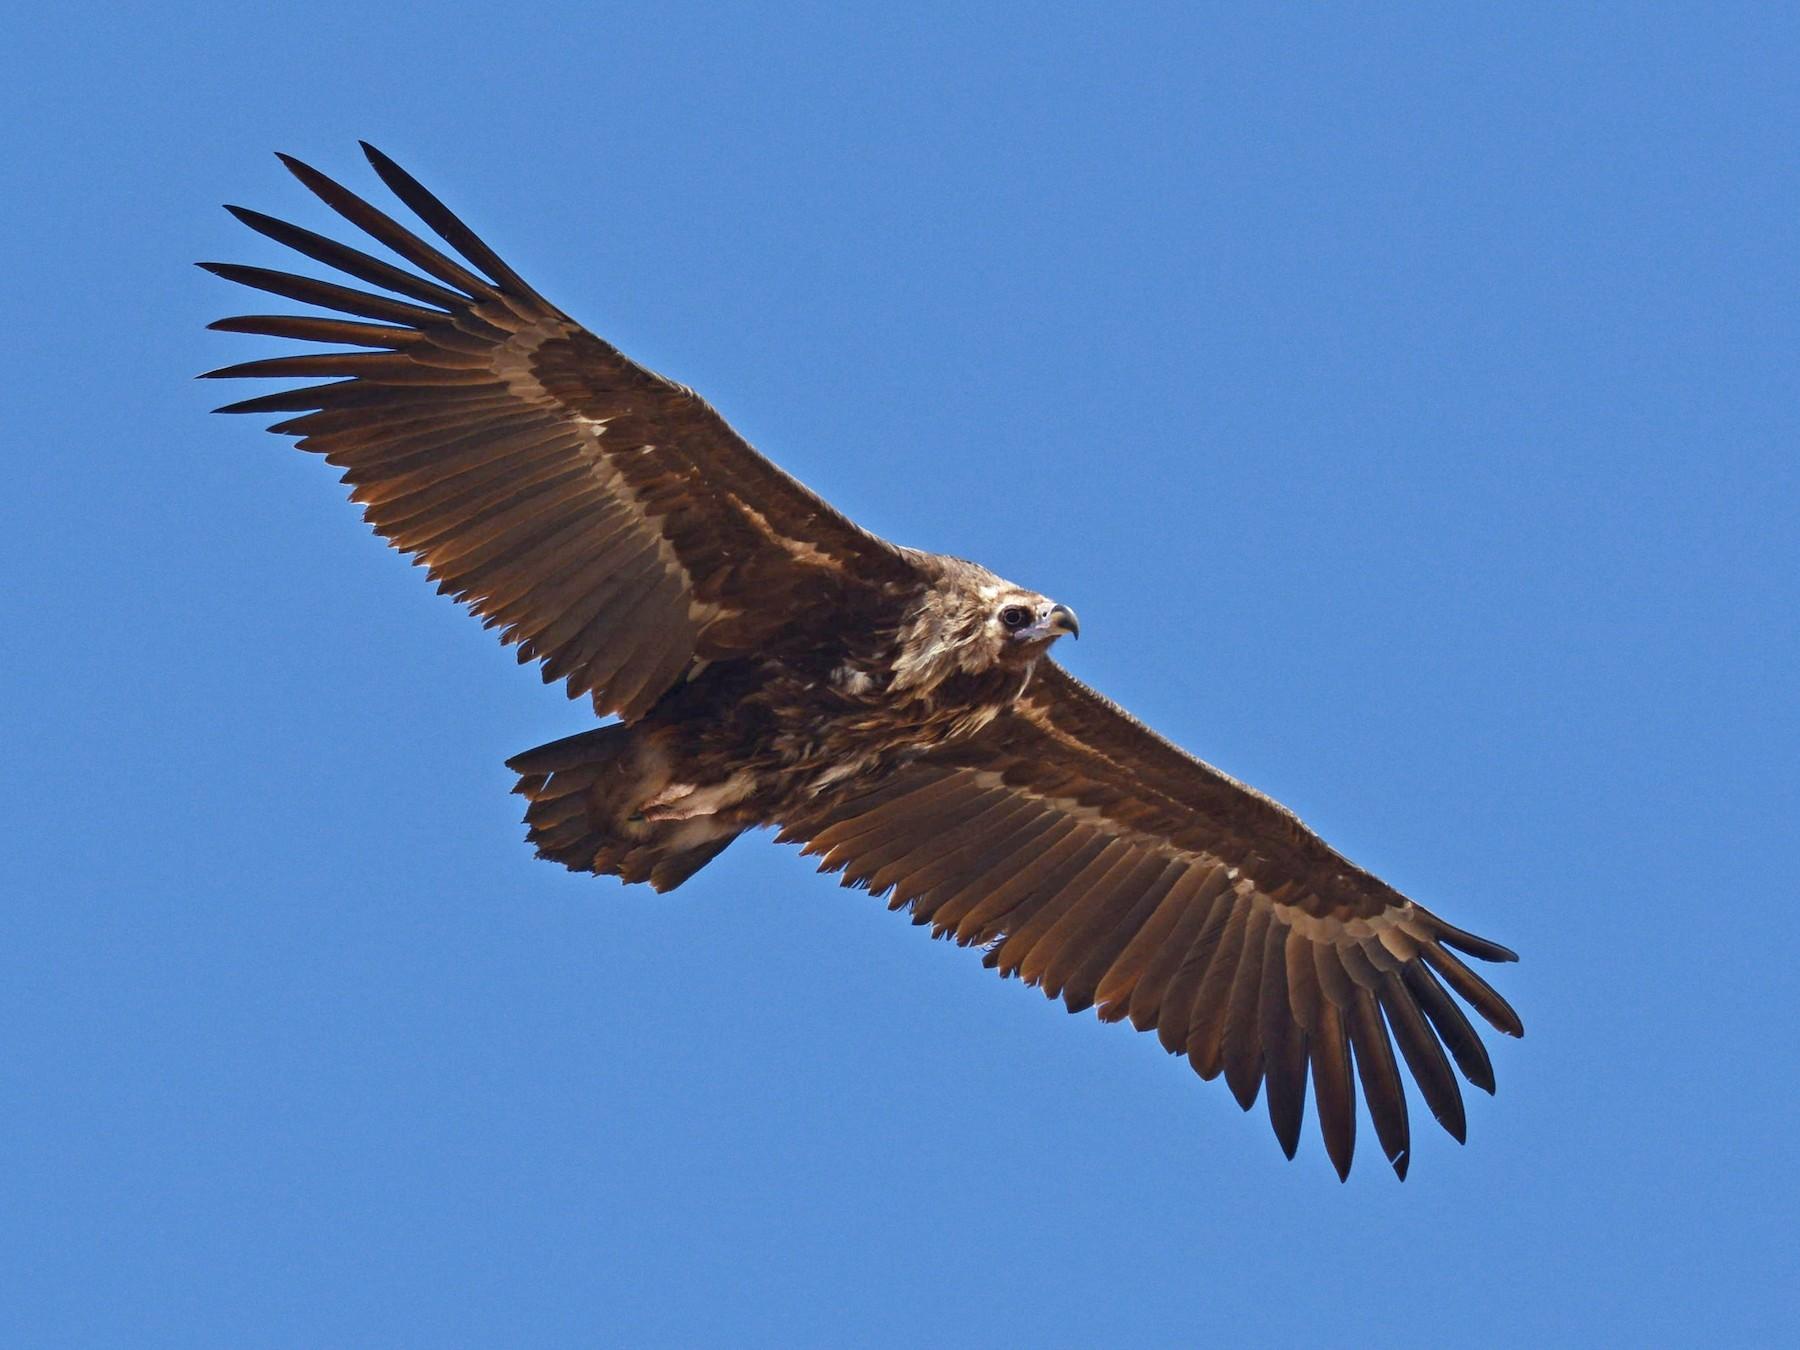 Cinereous Vulture - Batmunkh Davaasuren